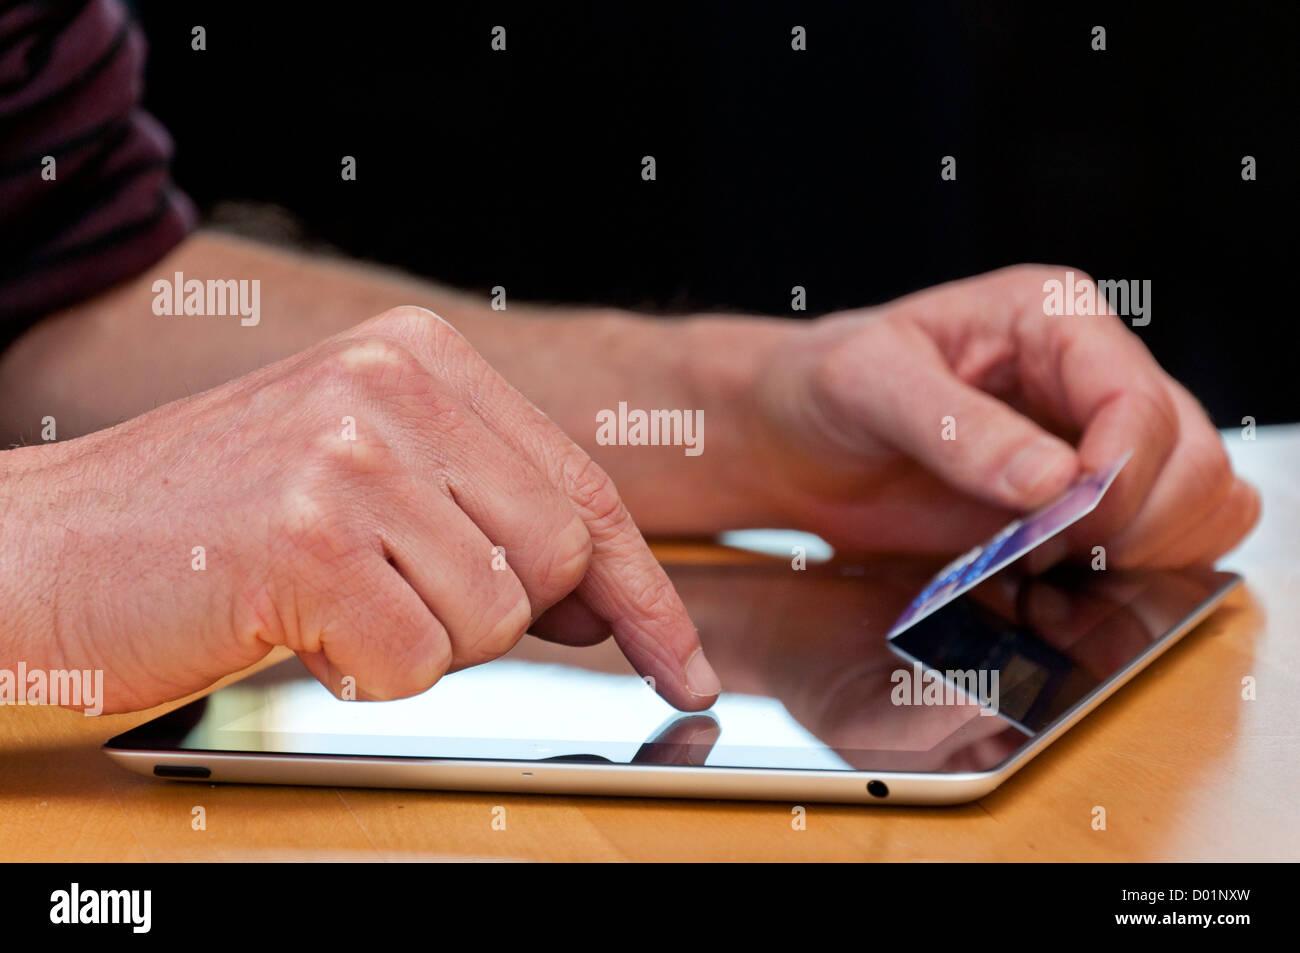 Compras en línea con un equipo tablet PC. Foto de stock